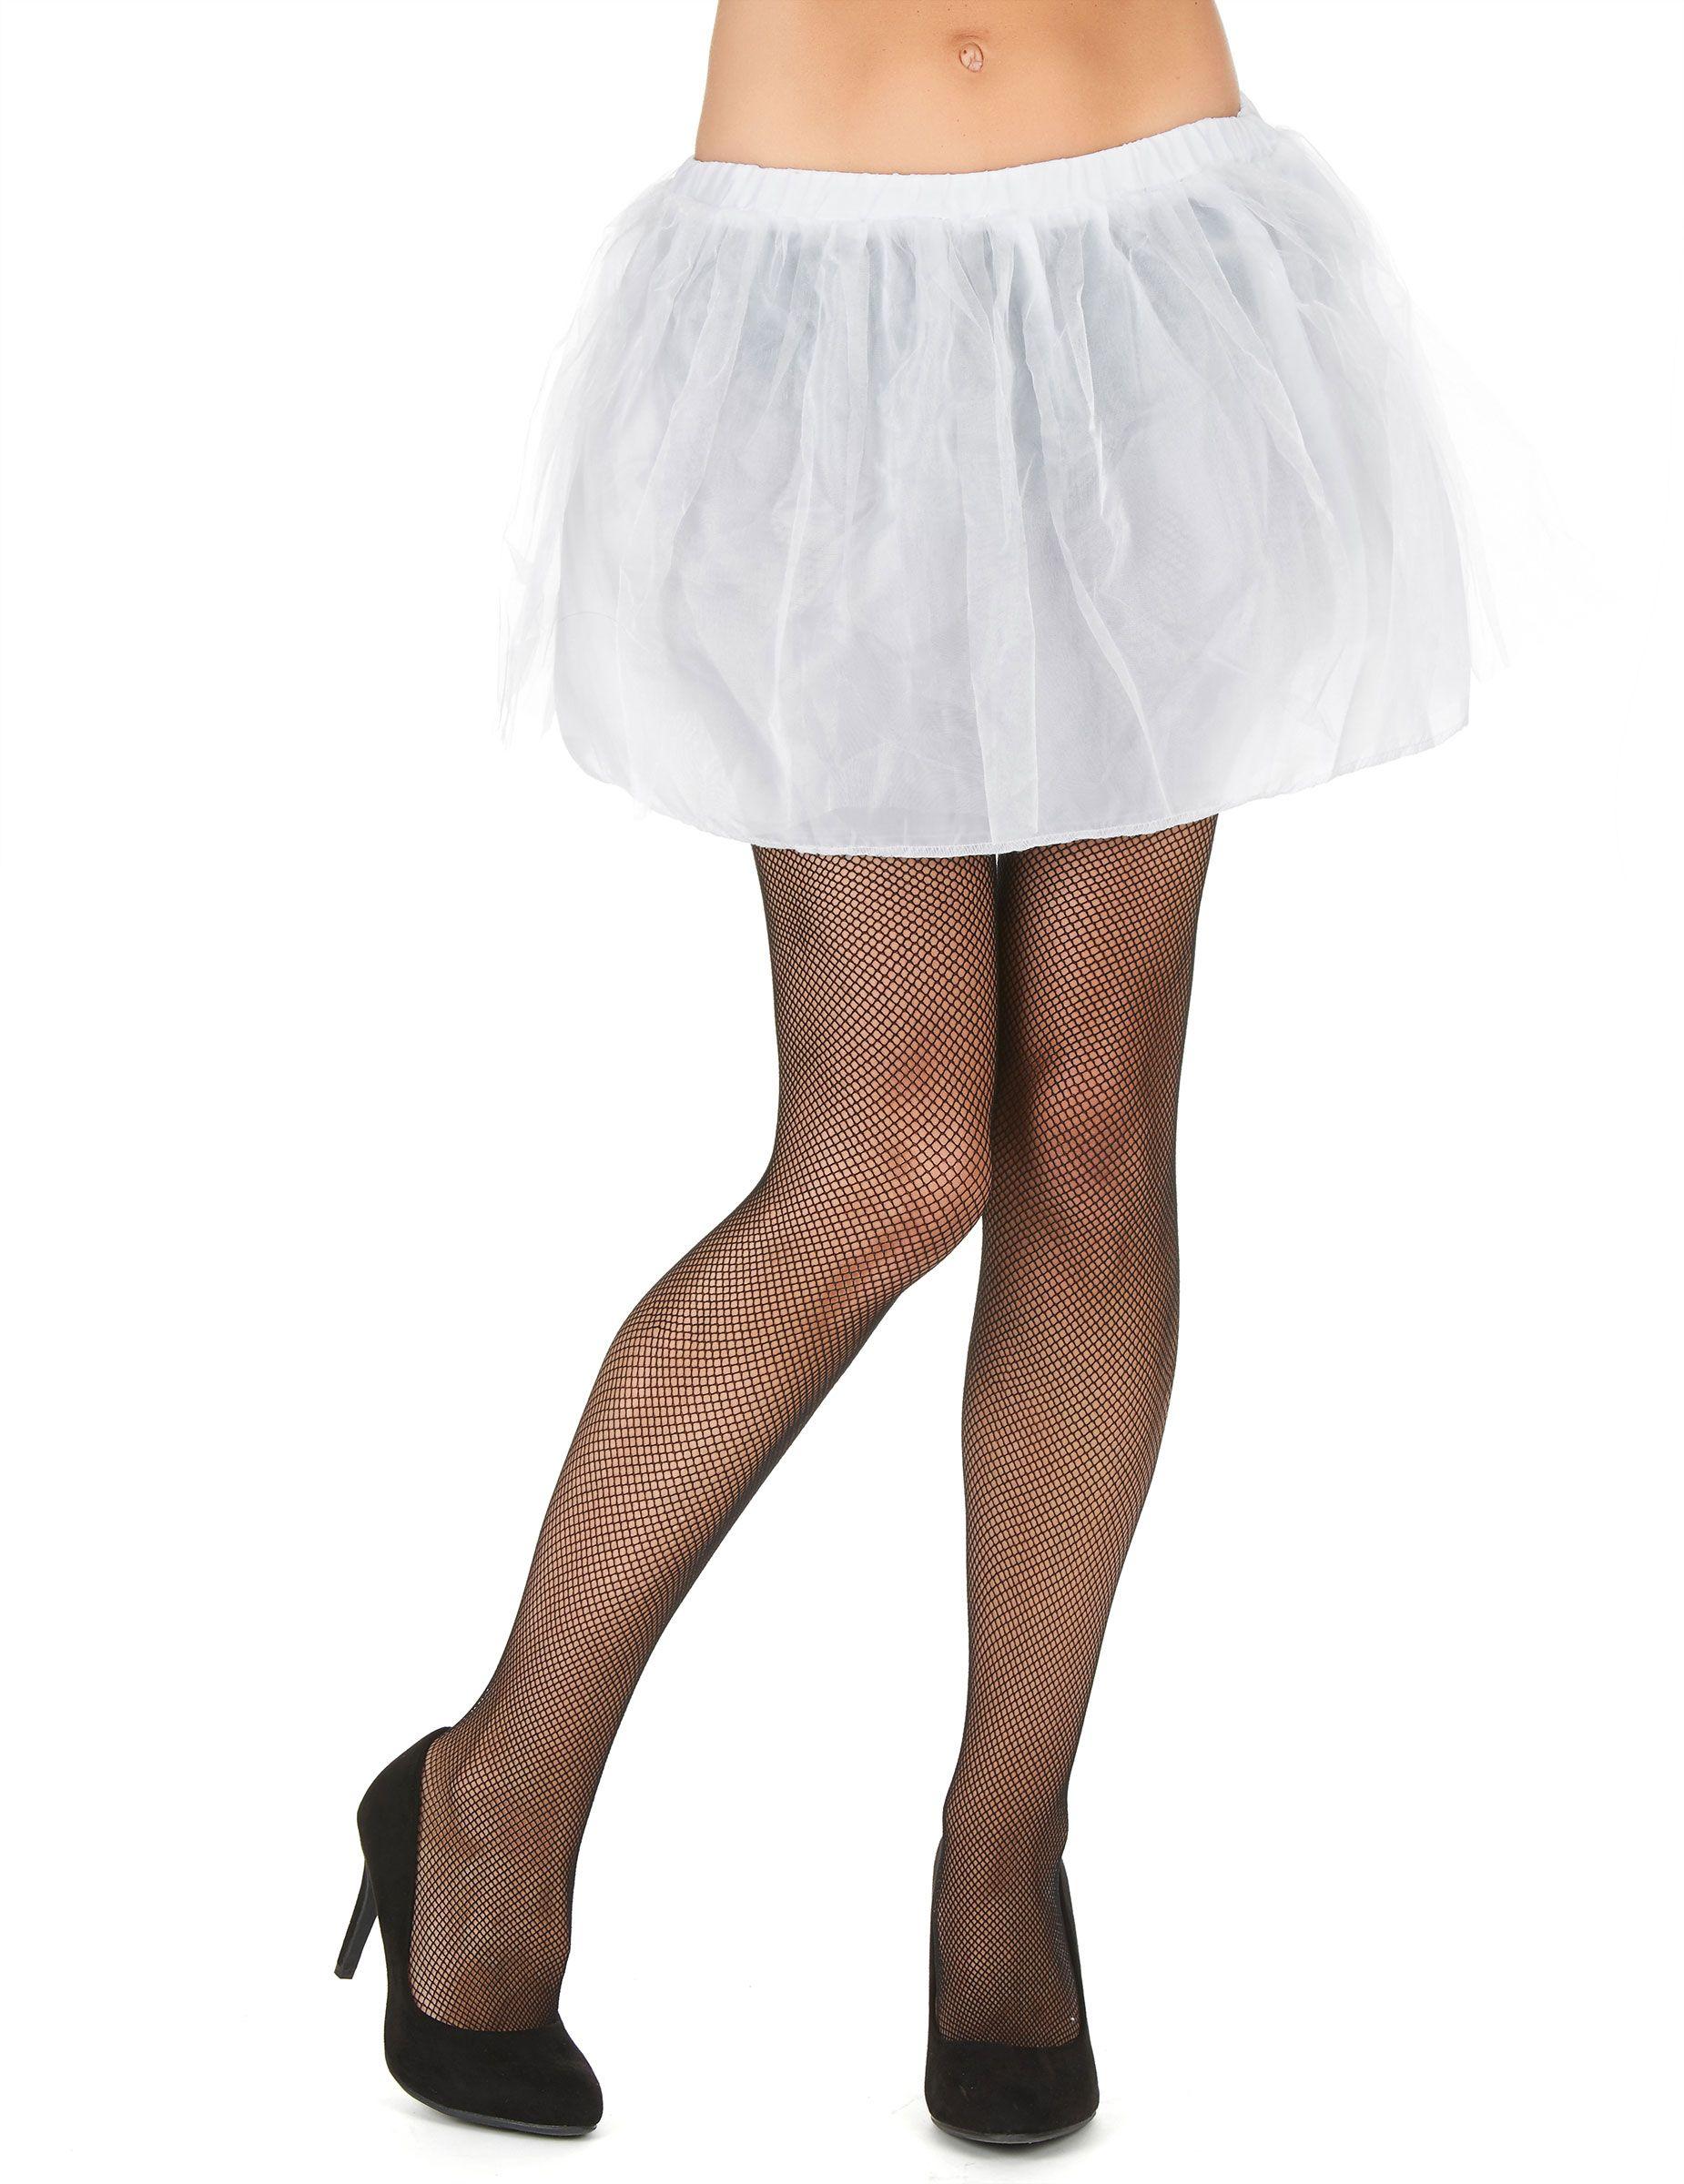 Minirock Mit Tüll Für Damen Petticoat Weiß Dessous Bodies Tutus